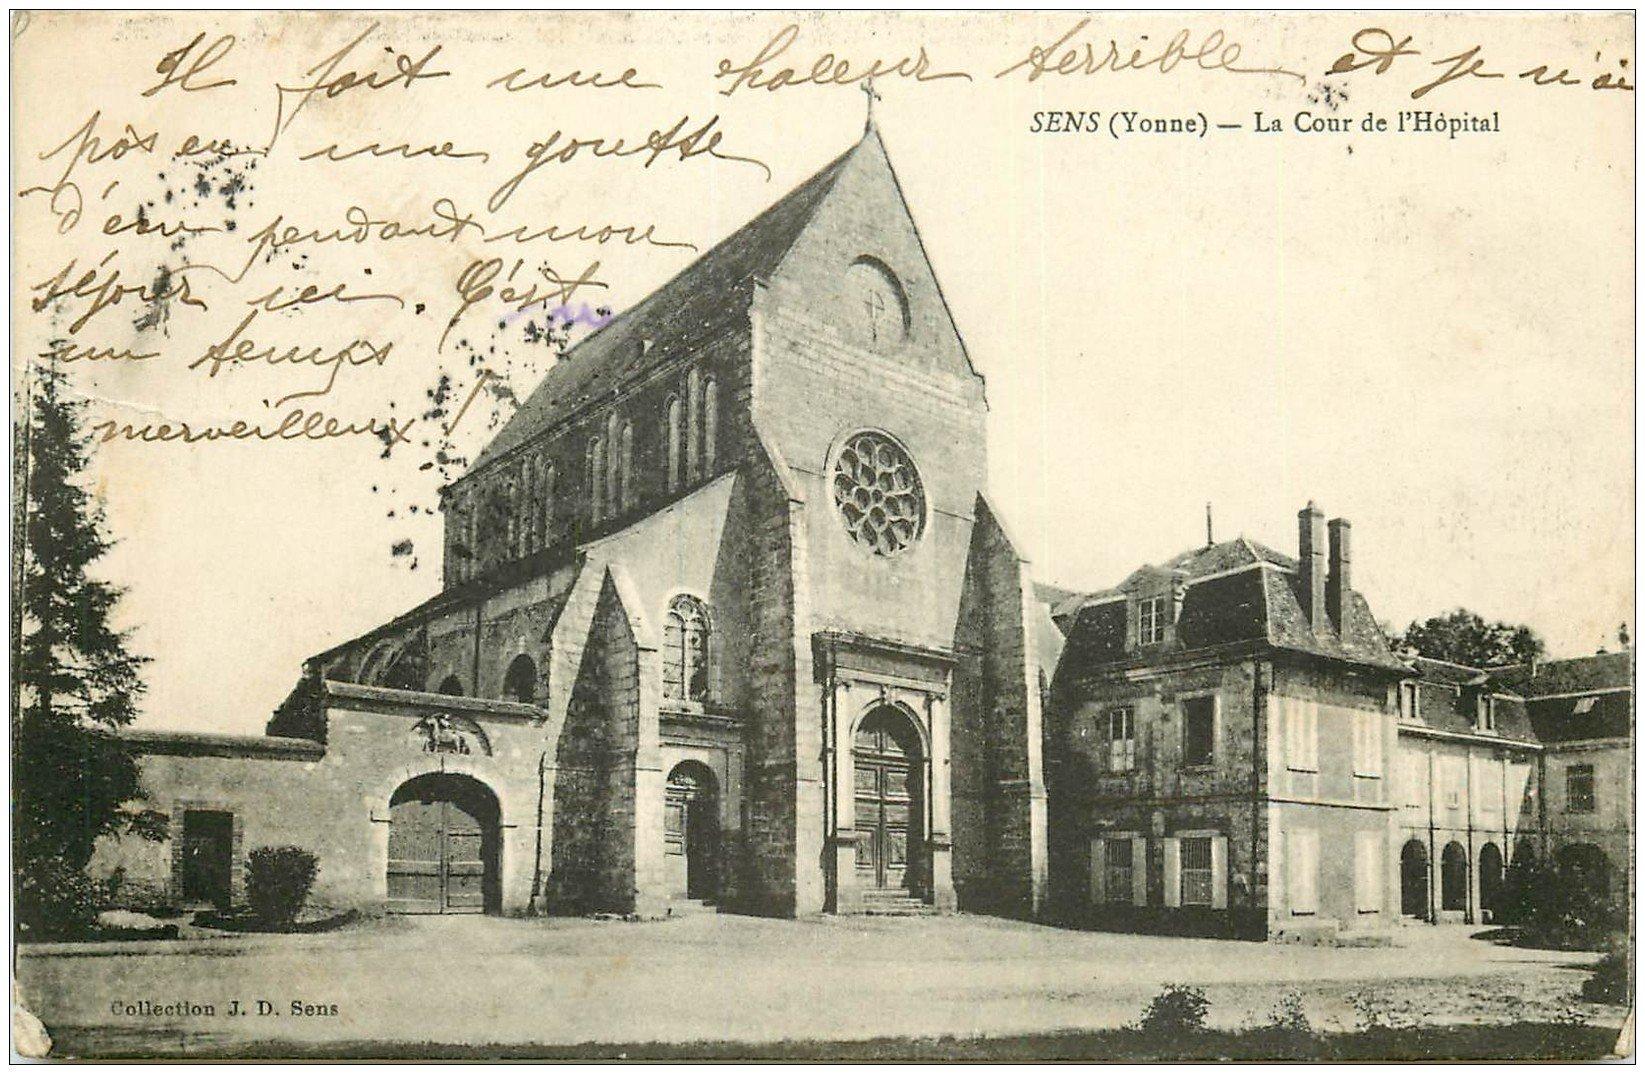 89 sens la cour de l 39 h pital 1915 - La cour des sens ...